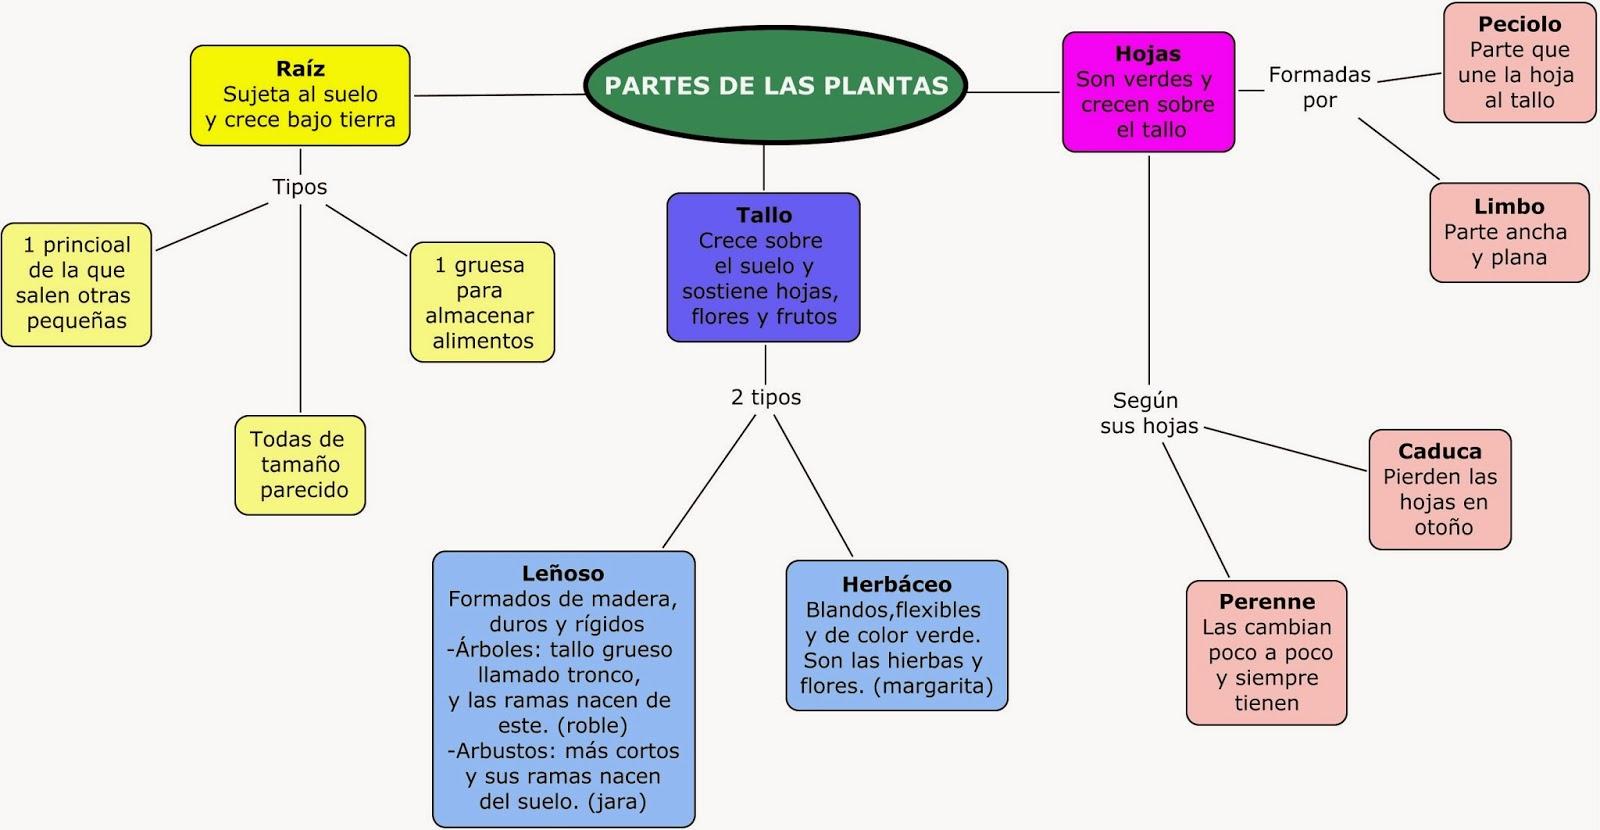 PIRULETAS DE MENTA 6º DE PRIMARIA: Partes de la planta: esquema